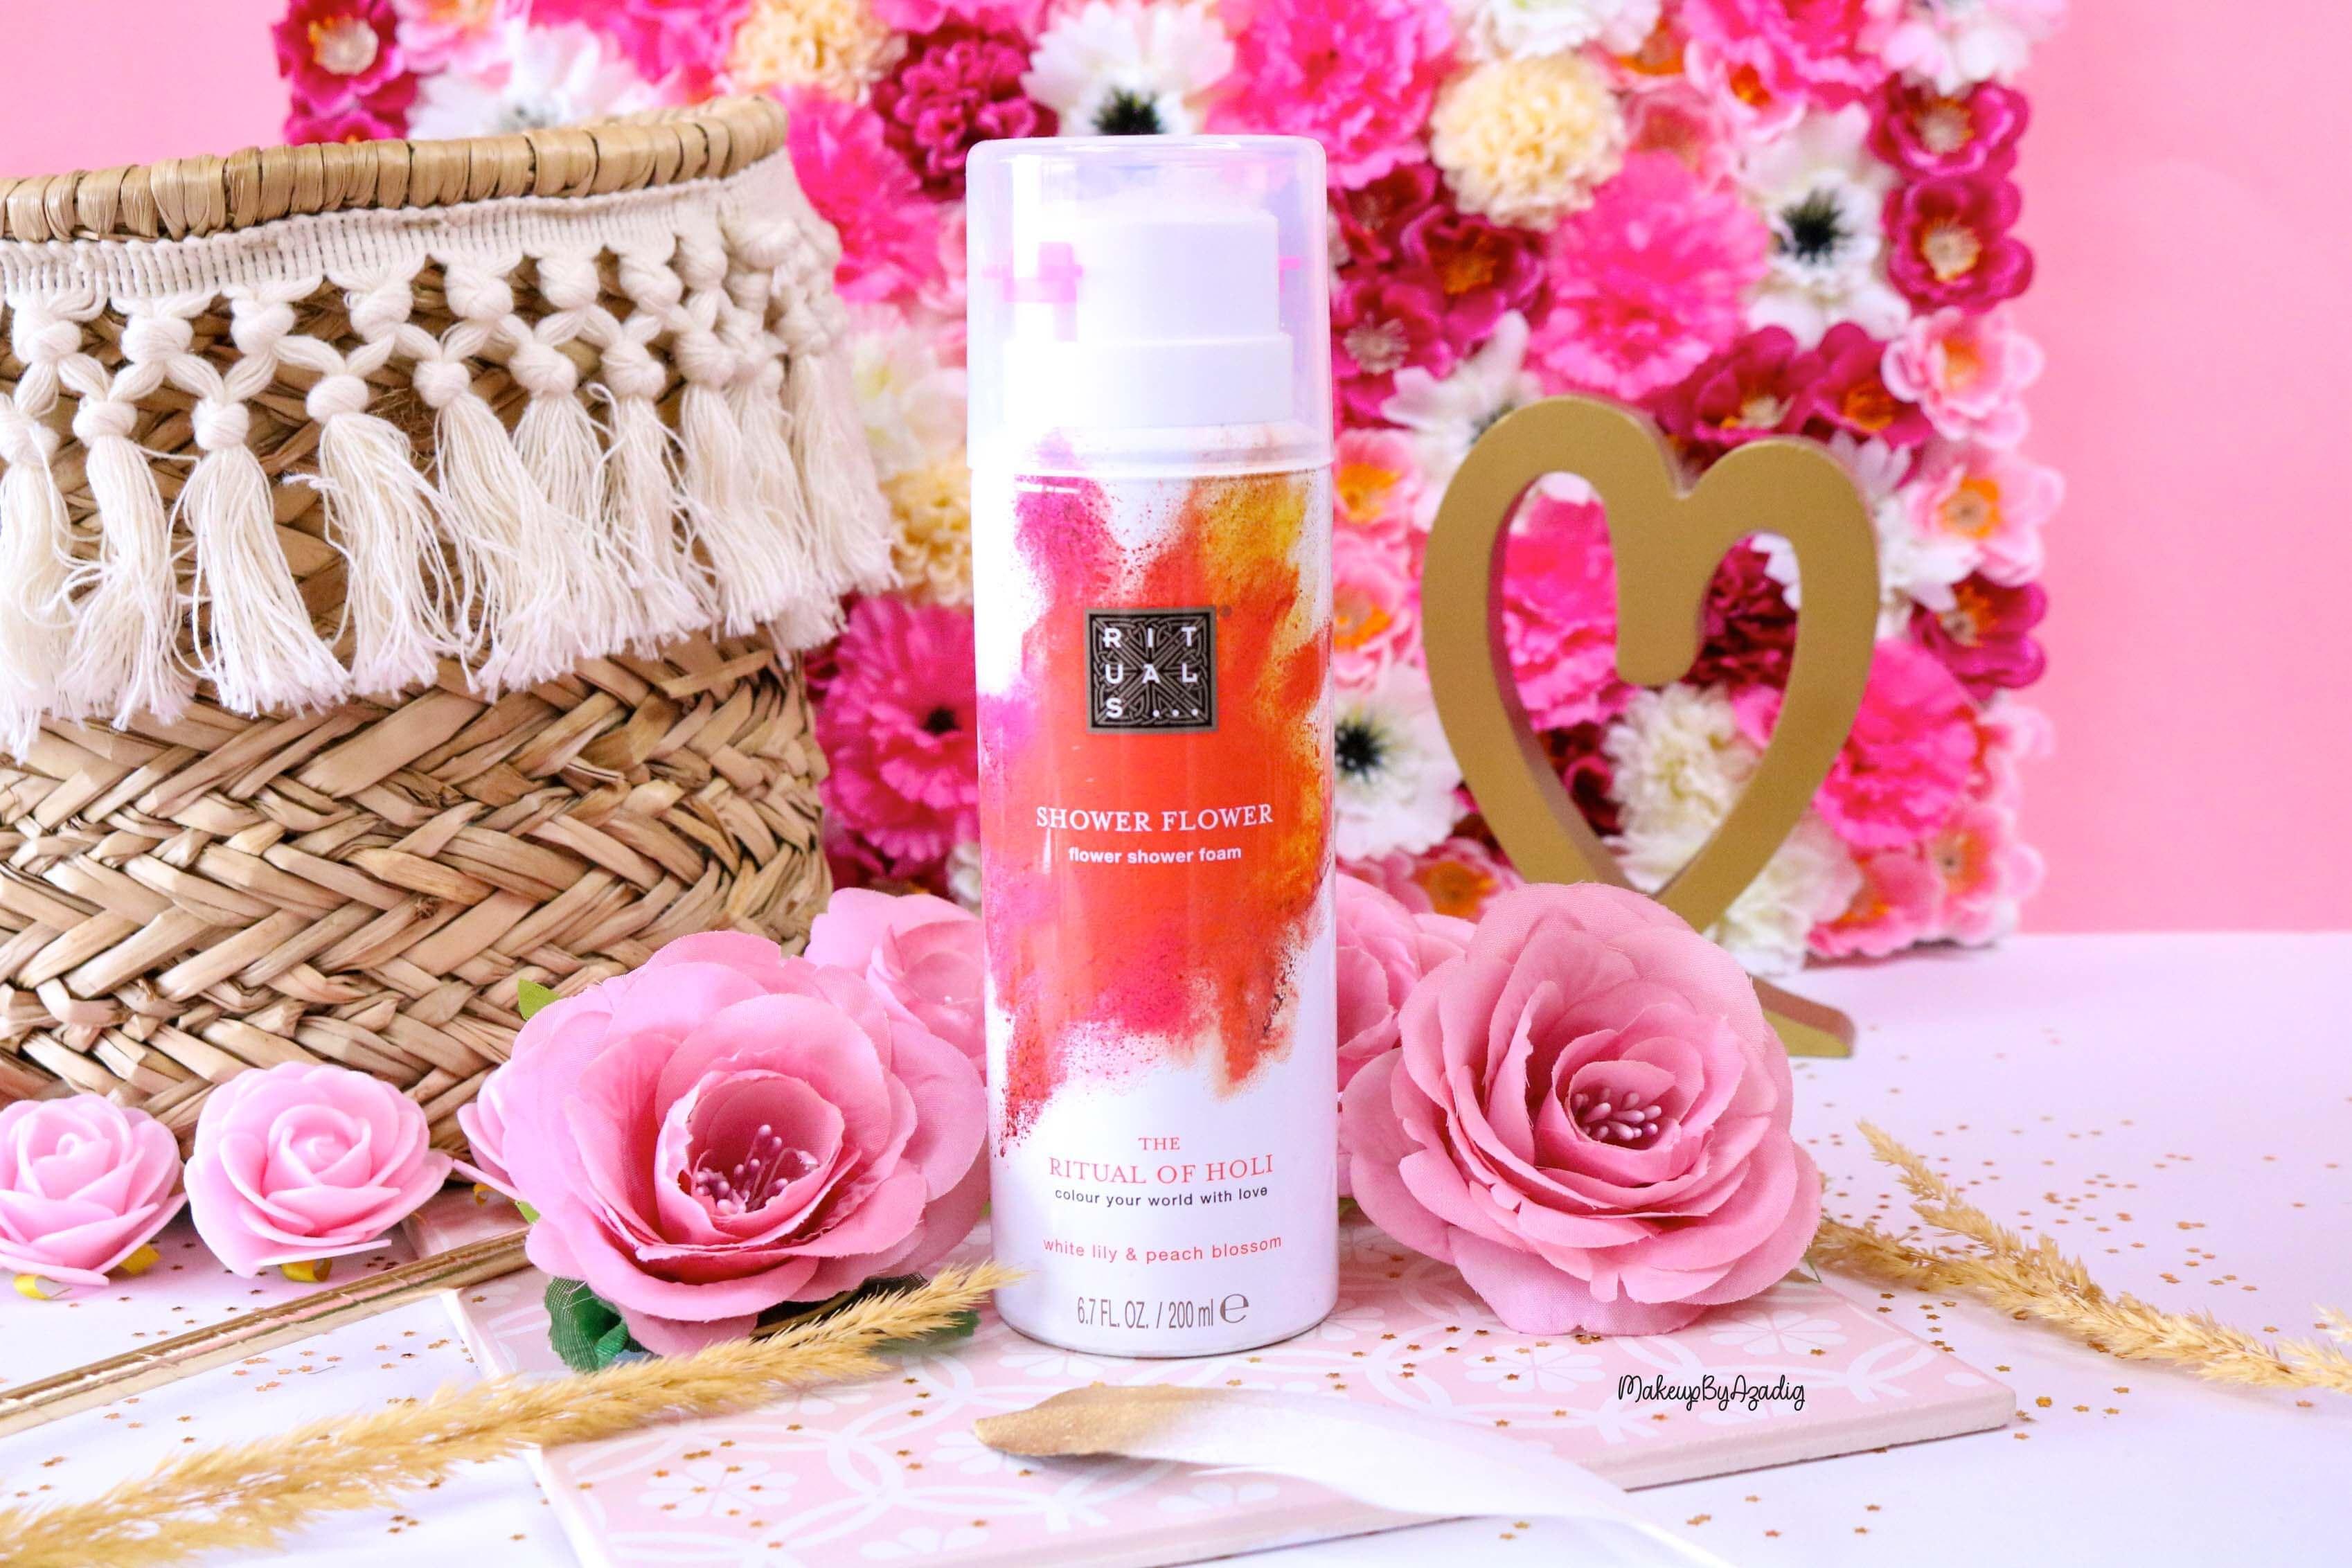 gel-douche-mousse-rituals-shower-flower-foam-ritual-hoi-makeupbyazadig-avis-prix-sephora-france-miniature